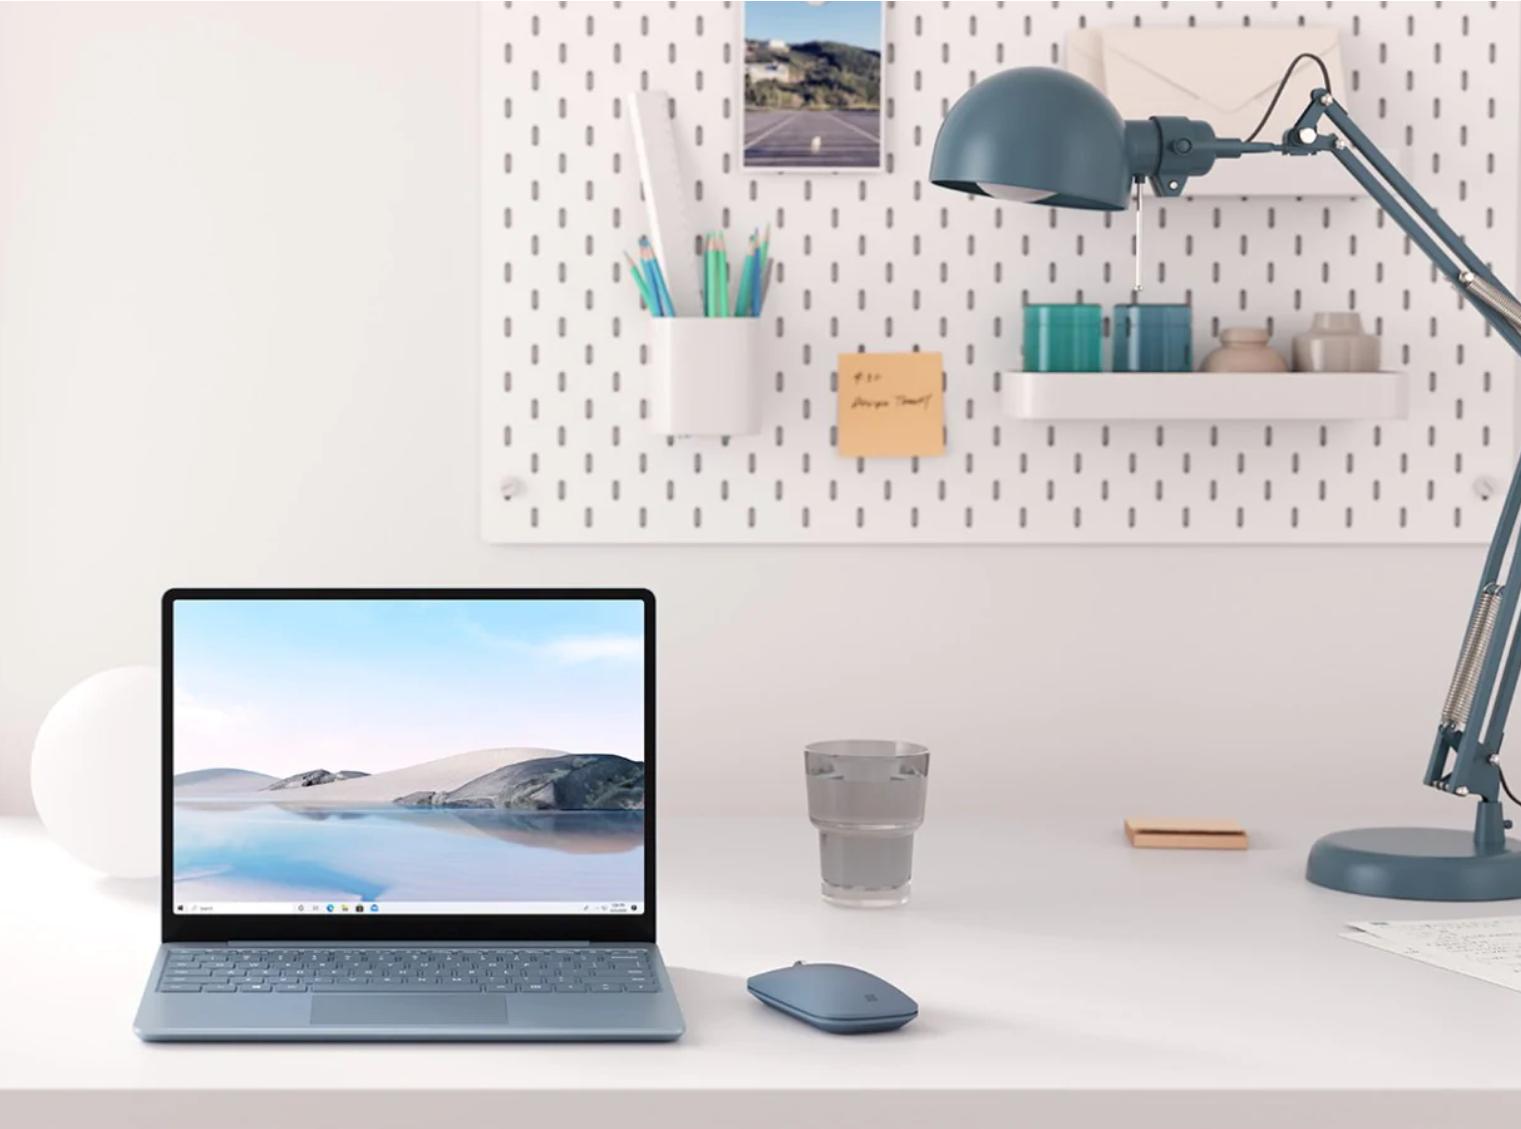 Der Surface Laptop Go in Eisblau steht mit einer Surface Mobile Mouse in Eisblau in einer Schreibtisch-Szenerie.